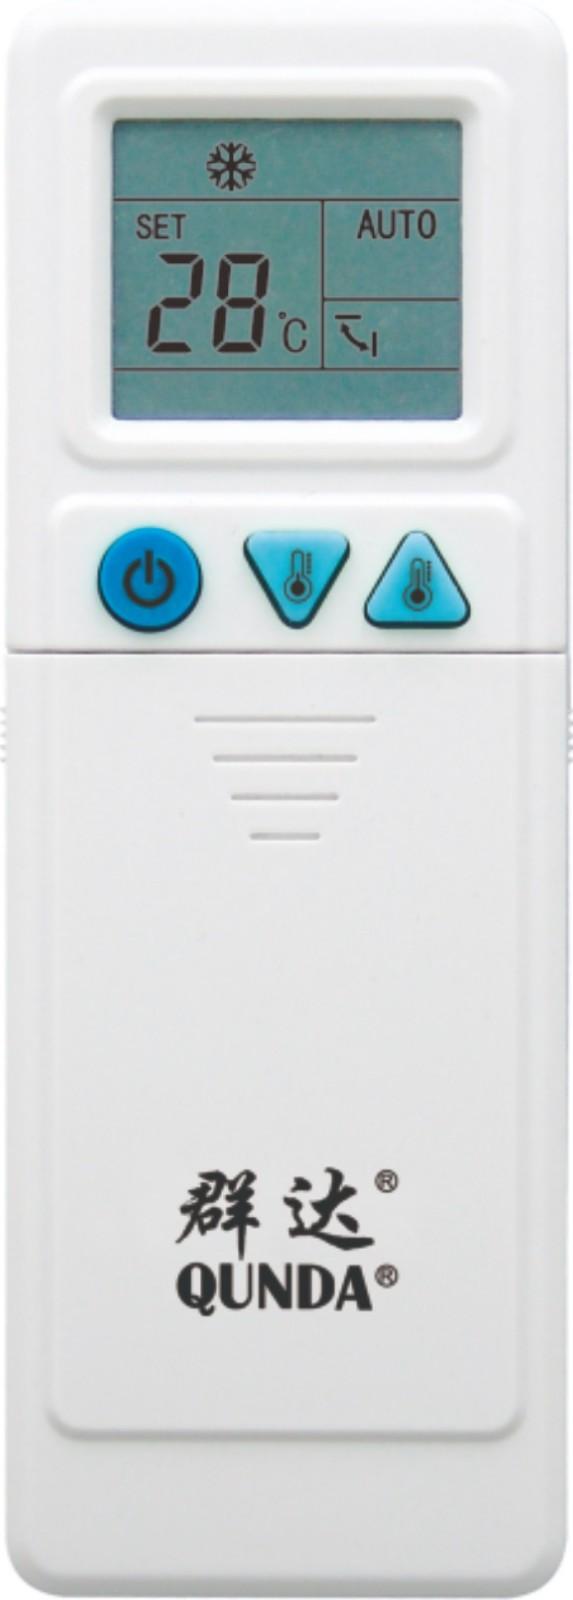 群达挂机专用通用型空调控制板QD-U03AX